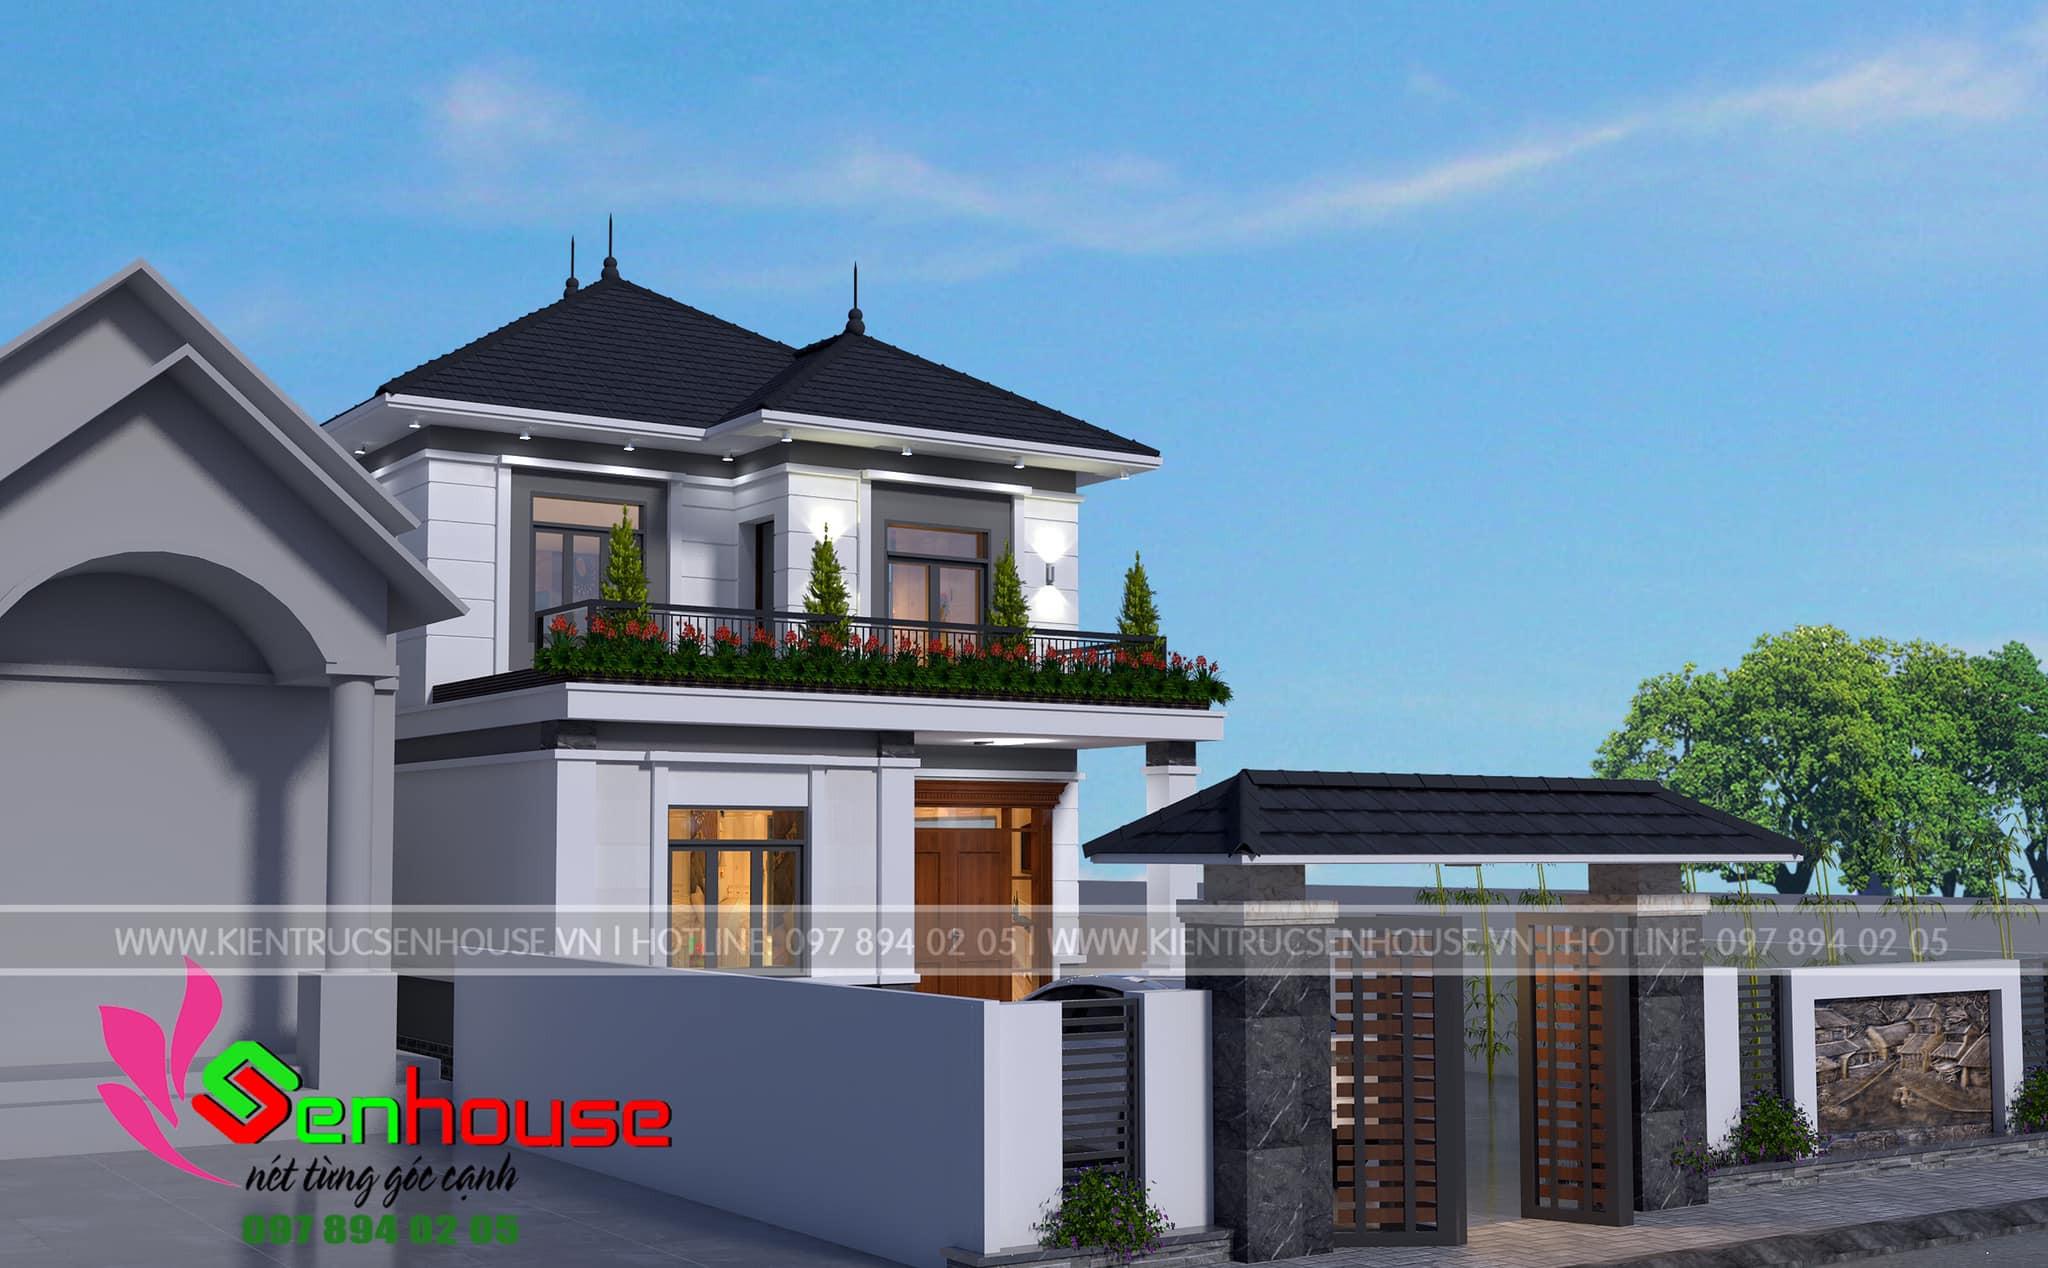 Thiết kế nhà 2 tầng mái Nhật của gia đình anh Nhật tại Đức Thọ